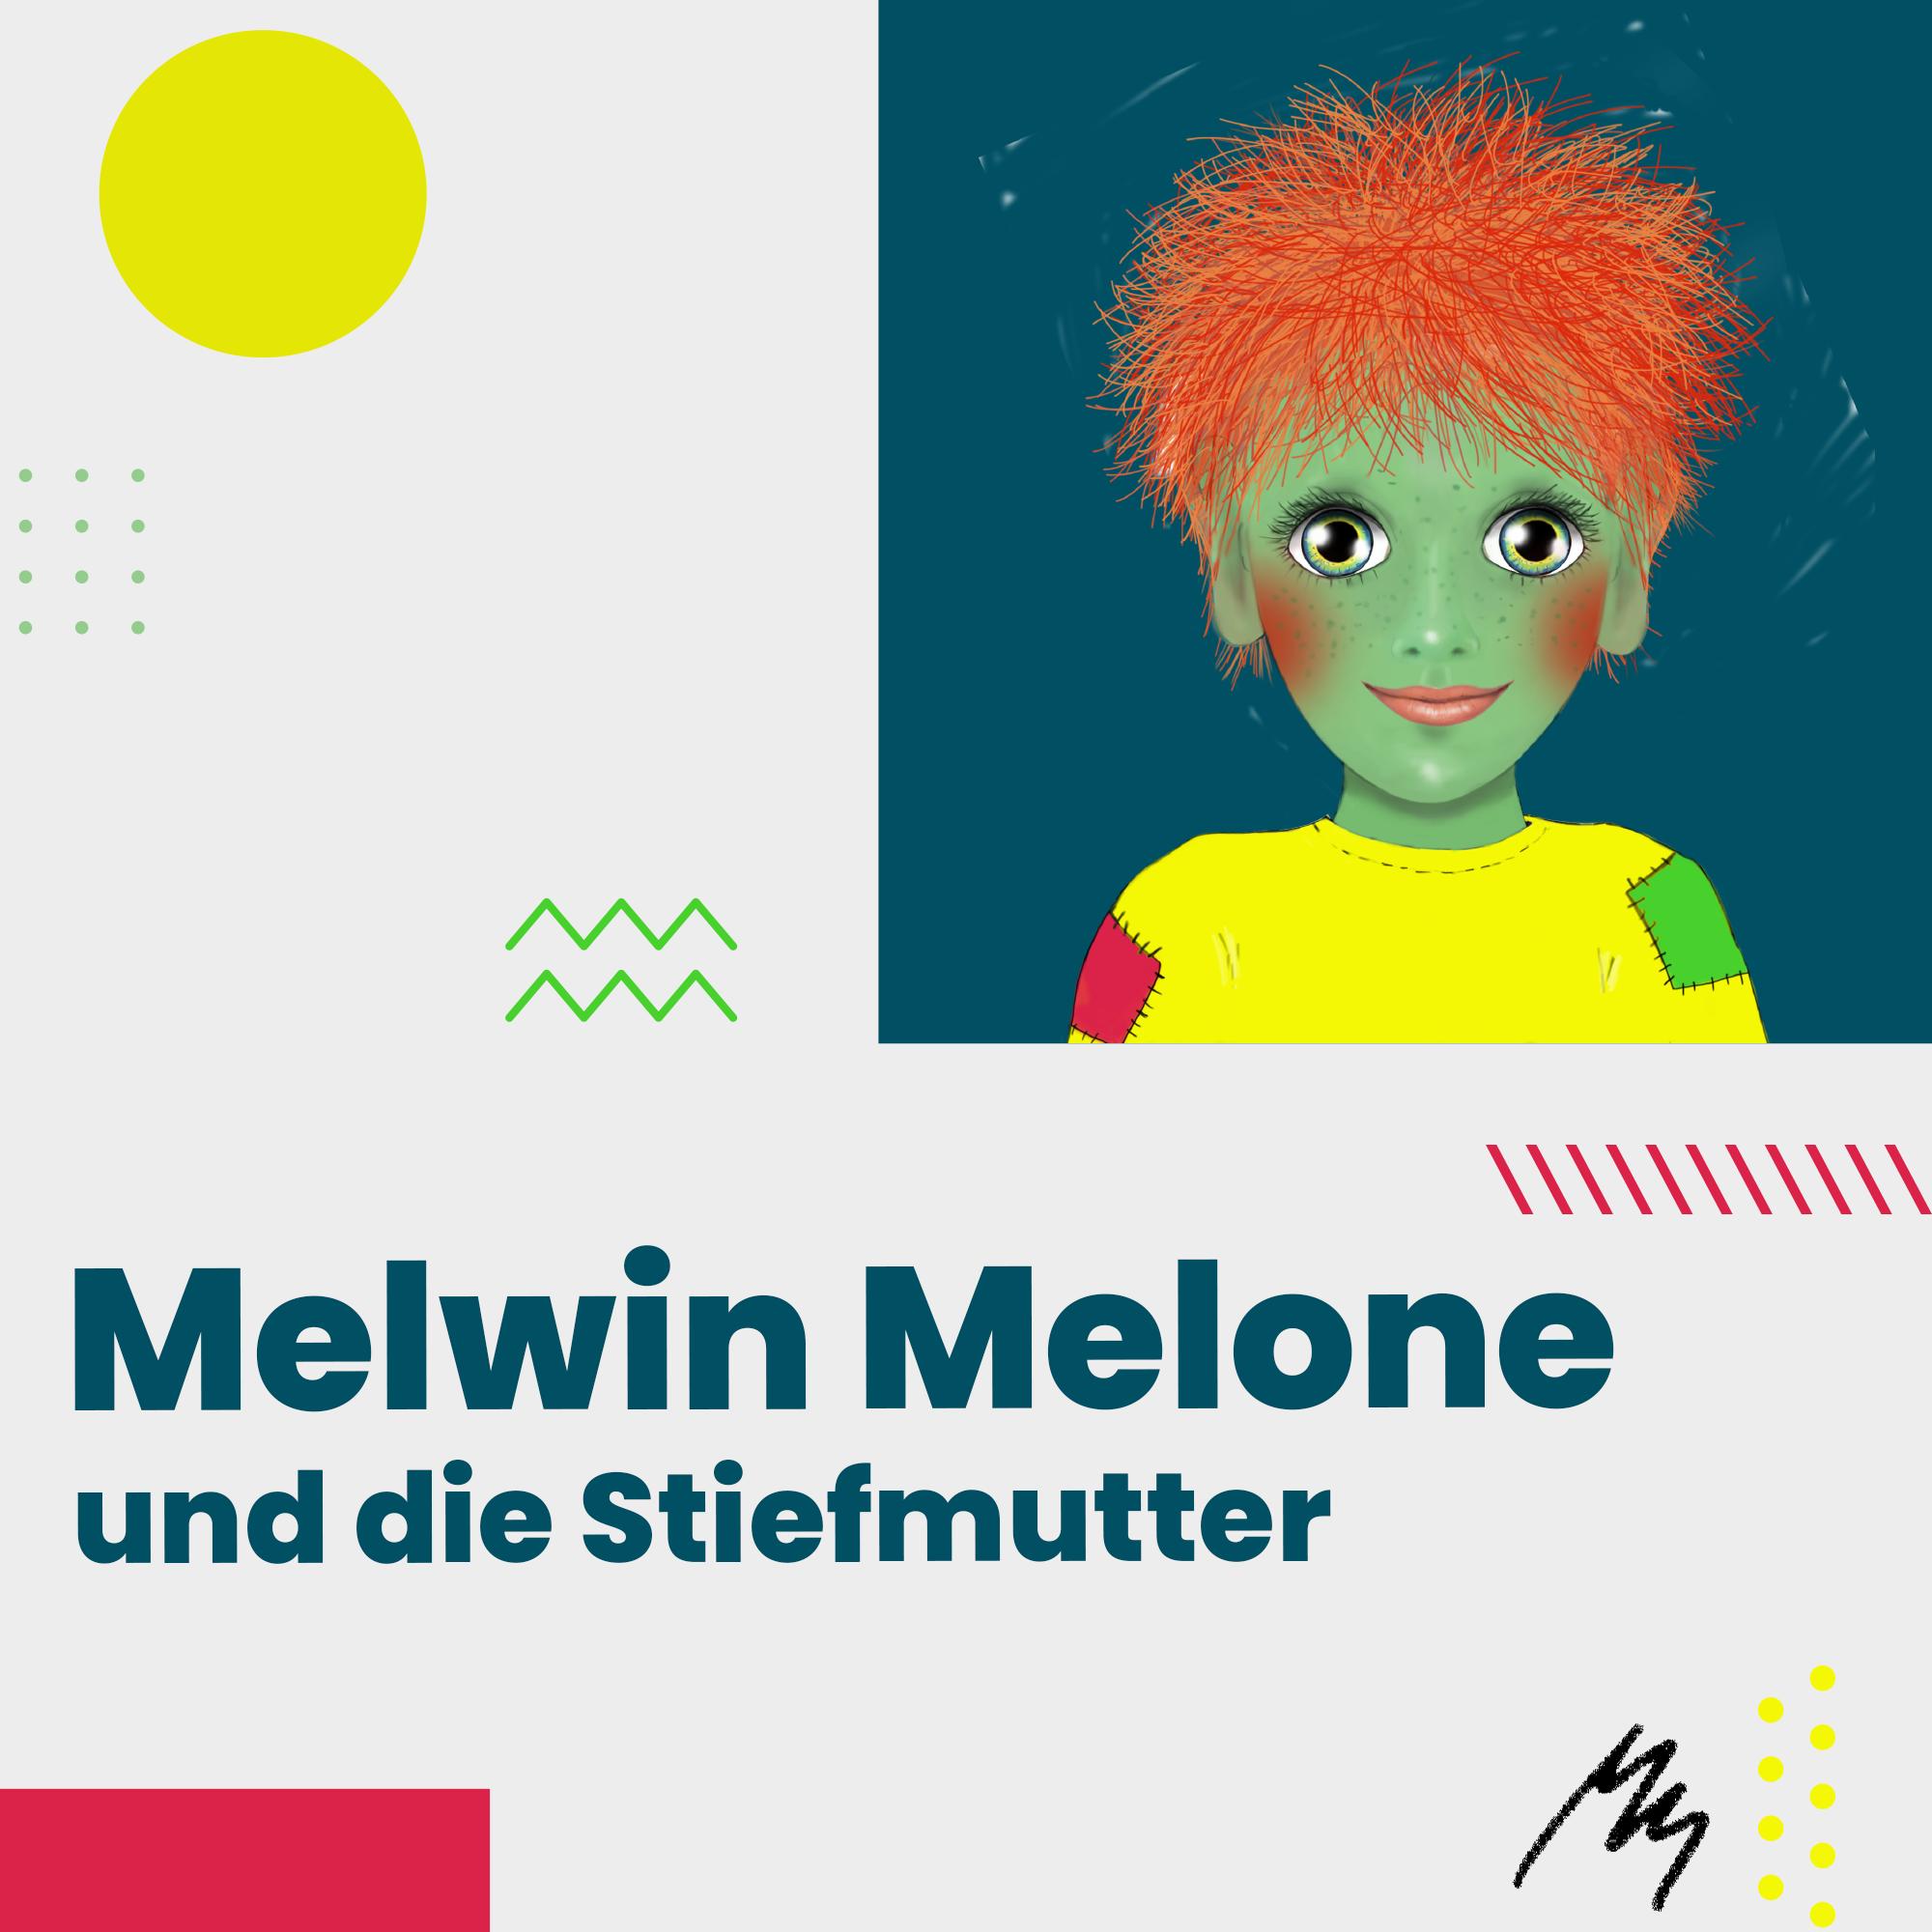 Melwin Melone und die Stiefmutter